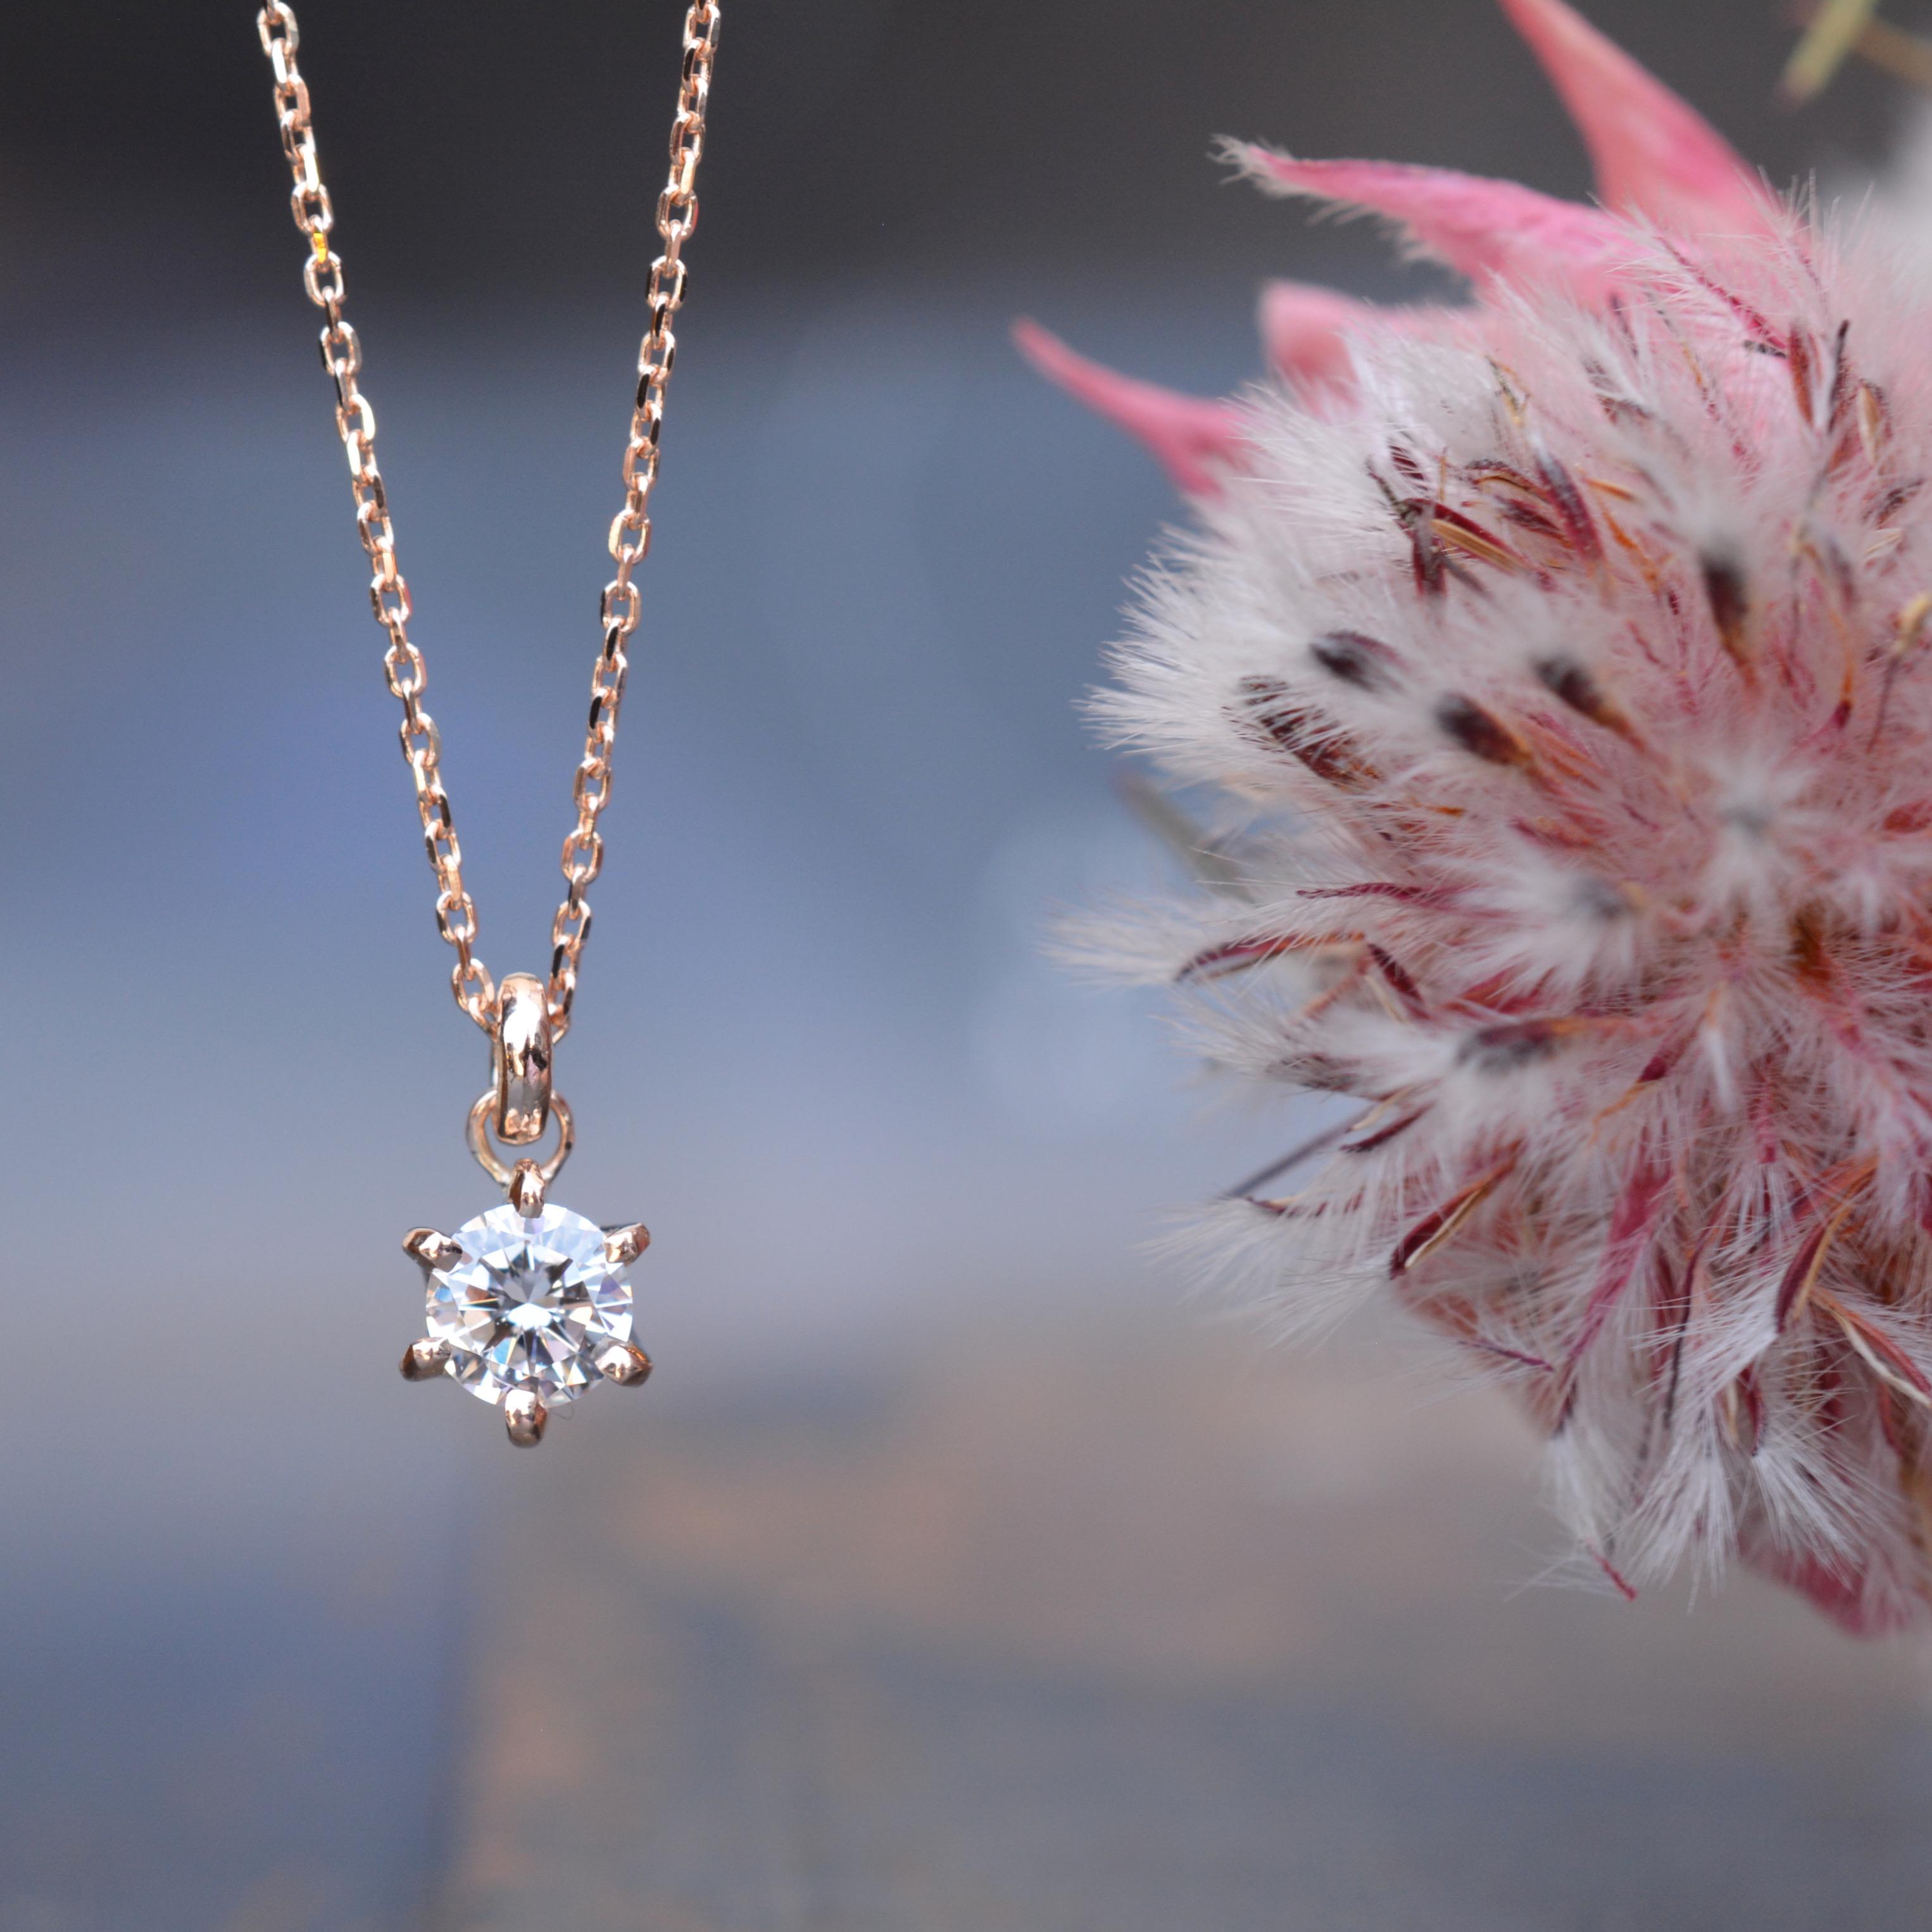 お母様から譲り受けられたダイヤモンド